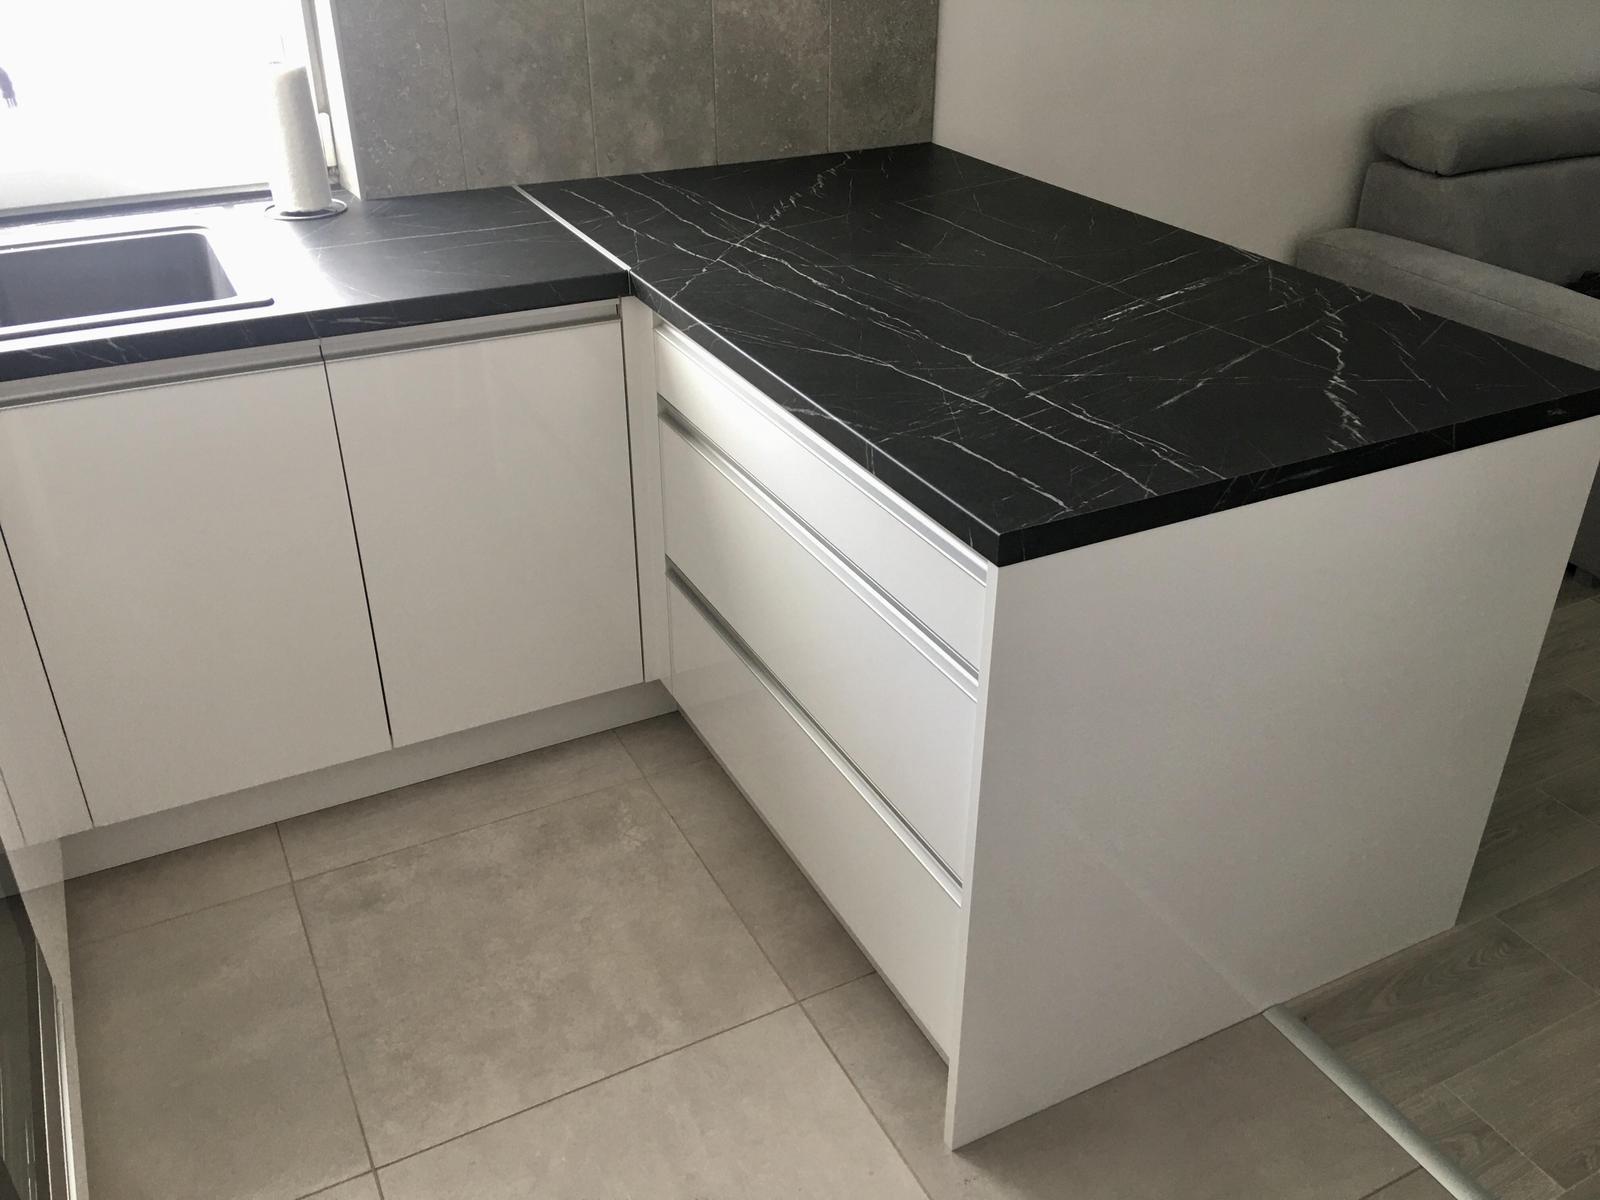 Biela lesklá kuchyňa - Obrázok č. 3